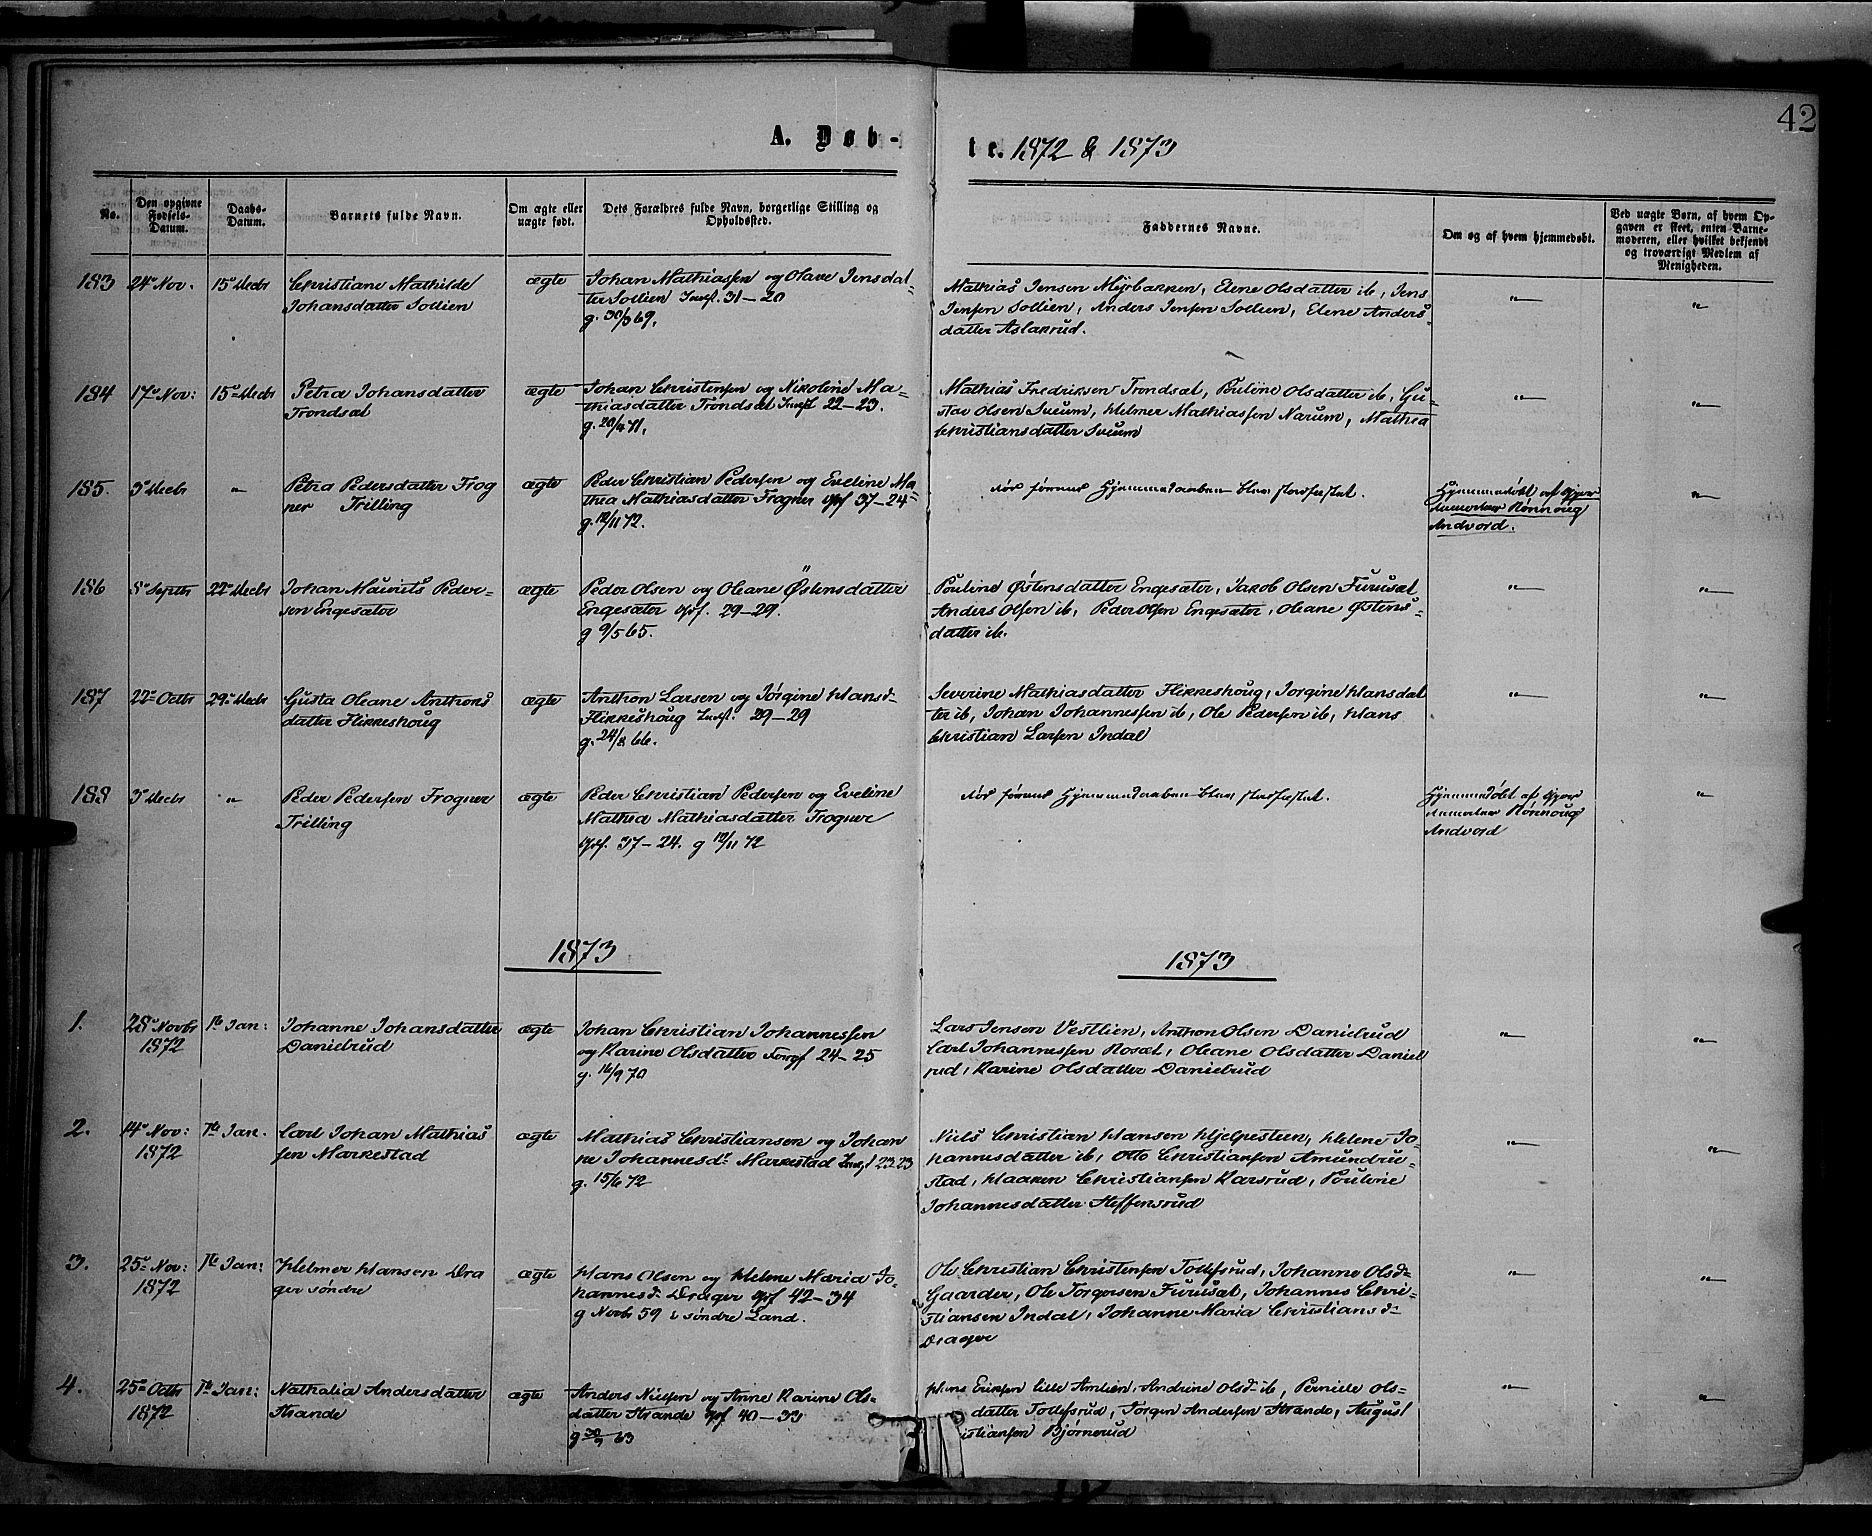 SAH, Vestre Toten prestekontor, Ministerialbok nr. 8, 1870-1877, s. 42